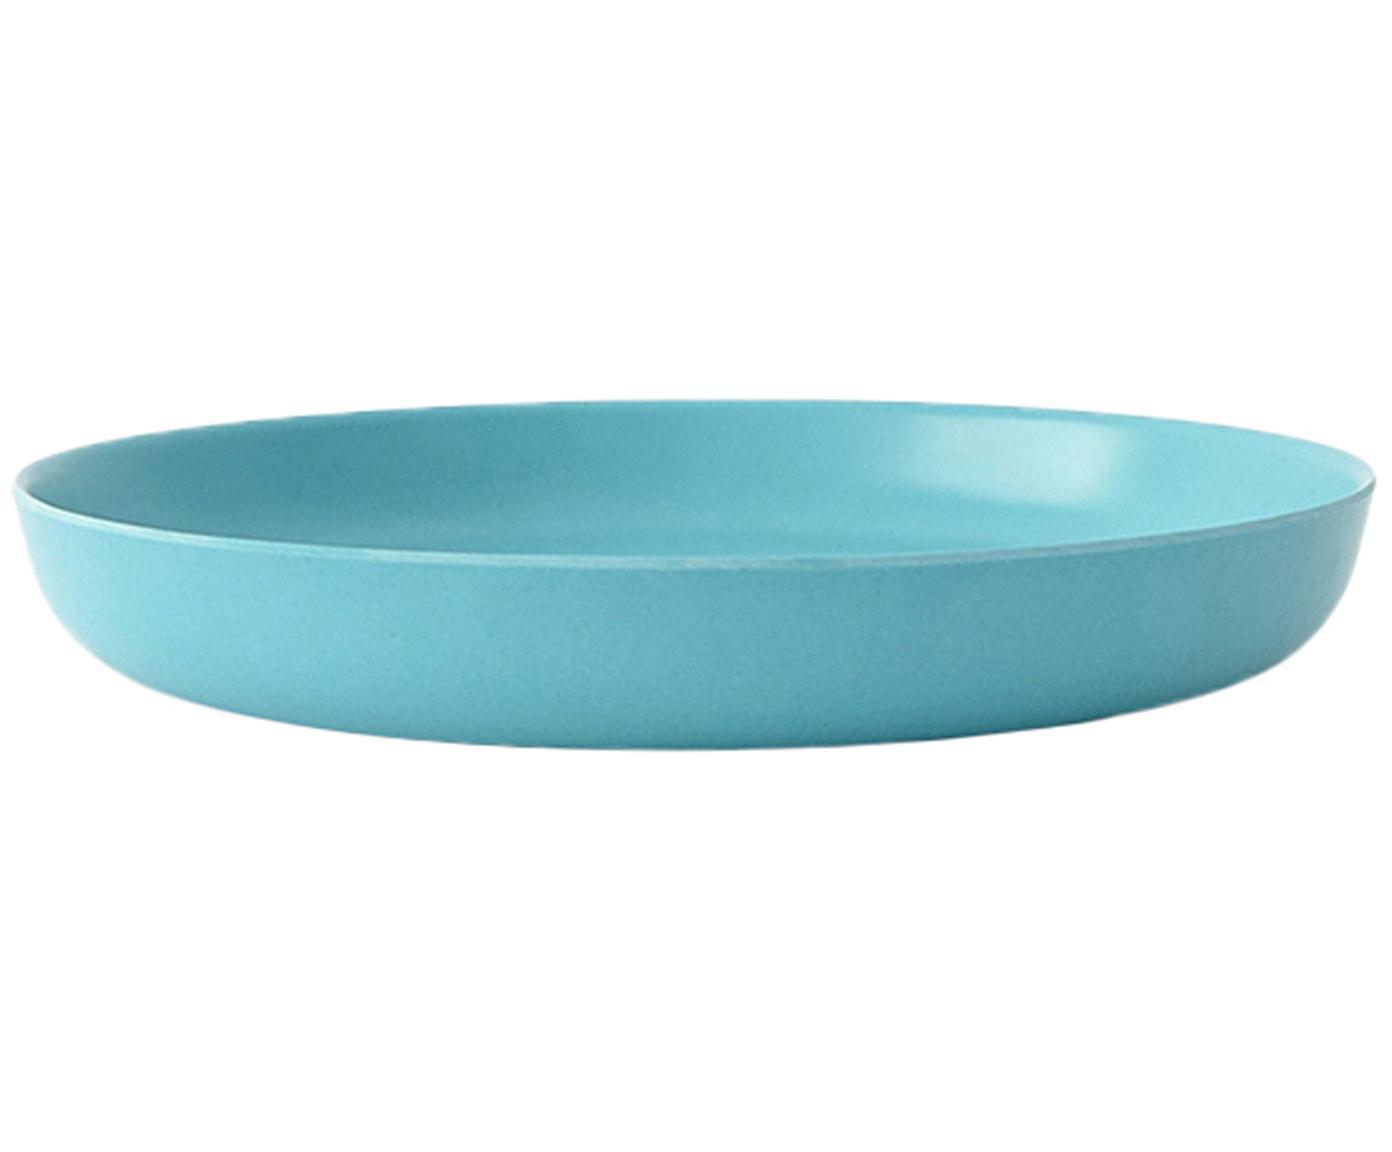 Ontbijtborden Bambino, 2 stuks, Bamboehoutvezels, melamine, voedselveilig BPA-, PVC- en ftalatenvrij, Turquoise, Ø 18 x H 3 cm